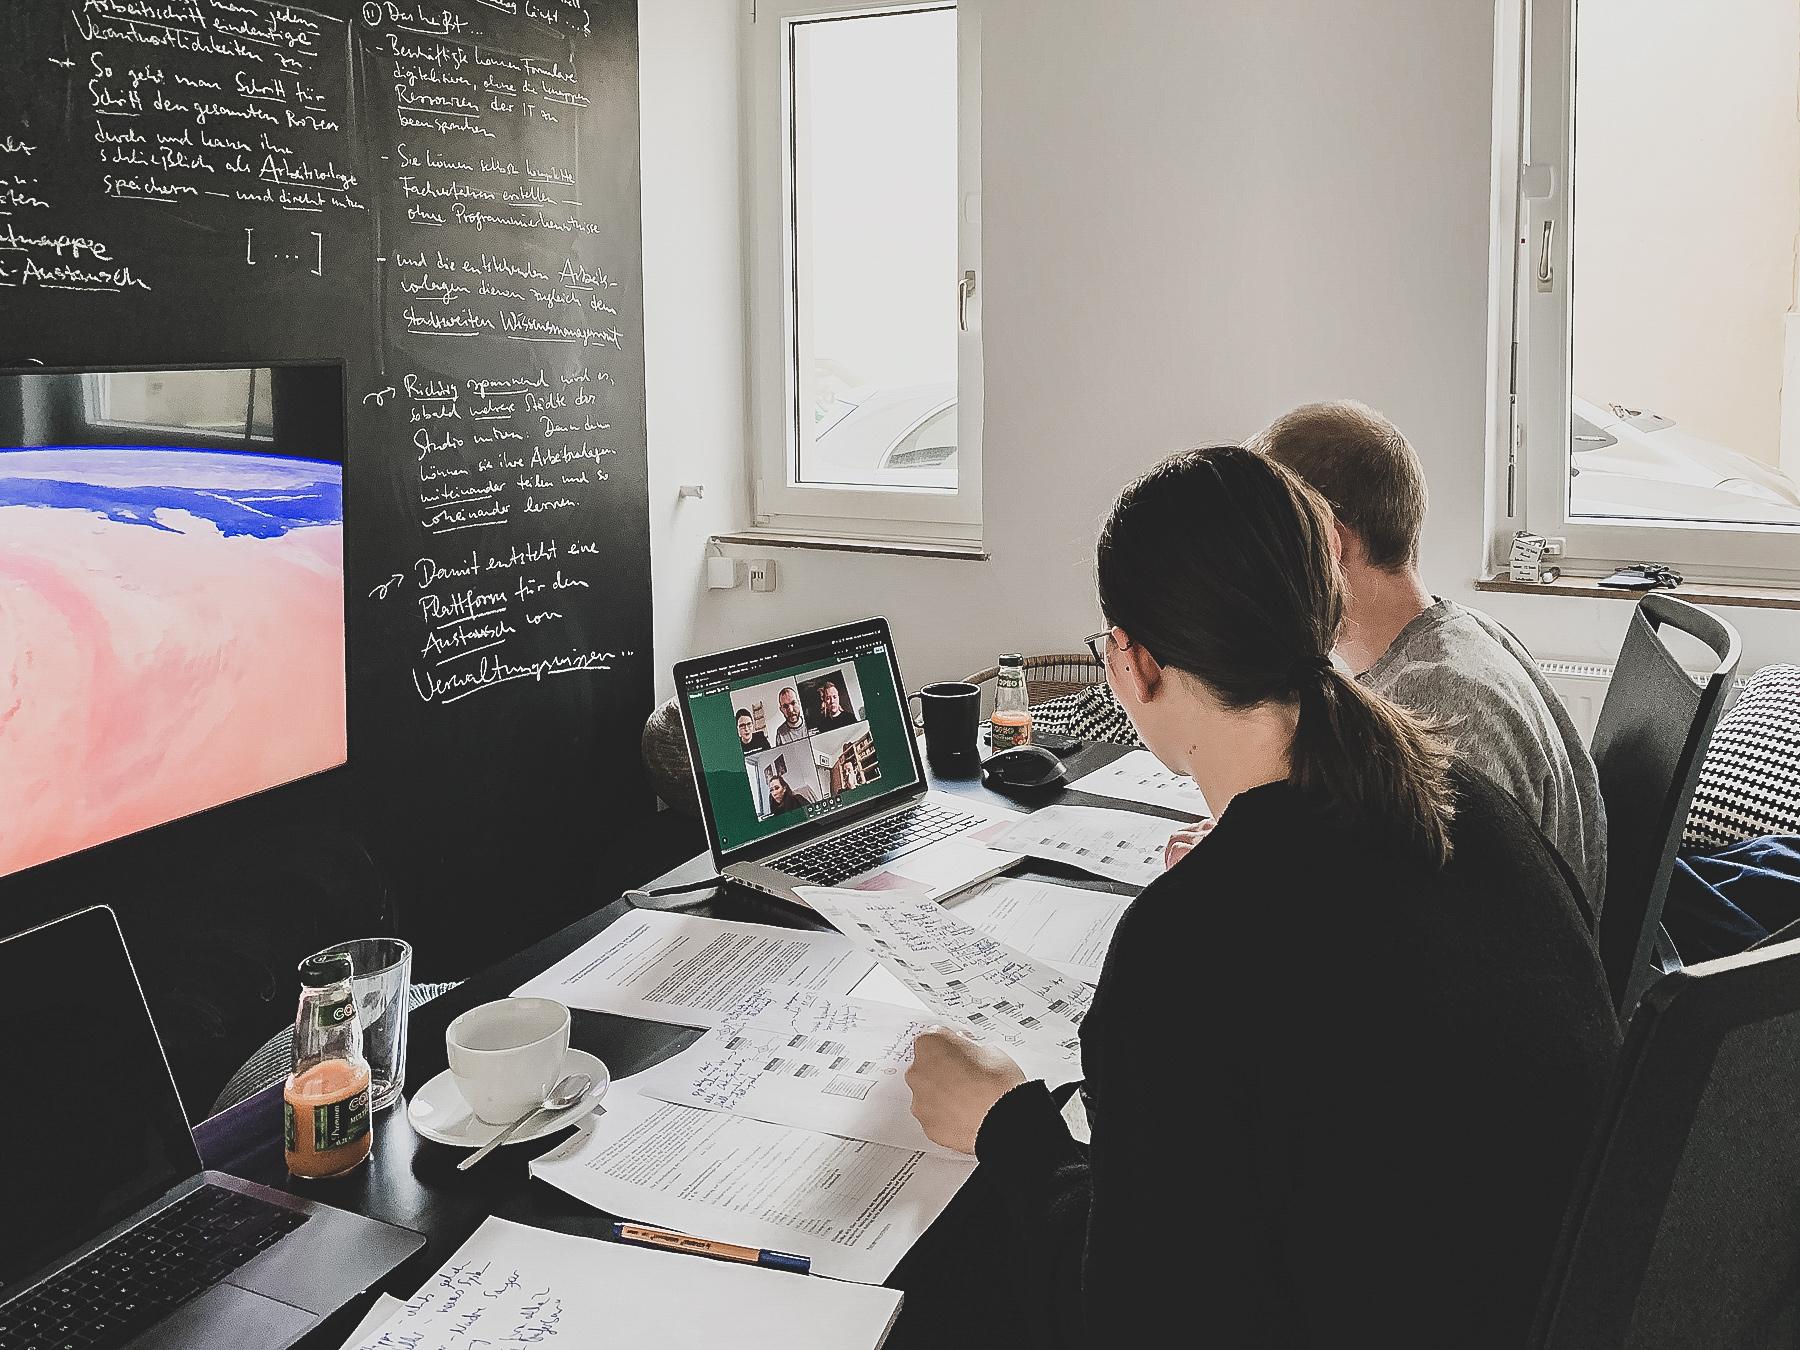 Zwei Leute sitzen arbeitend am Schreibtisch